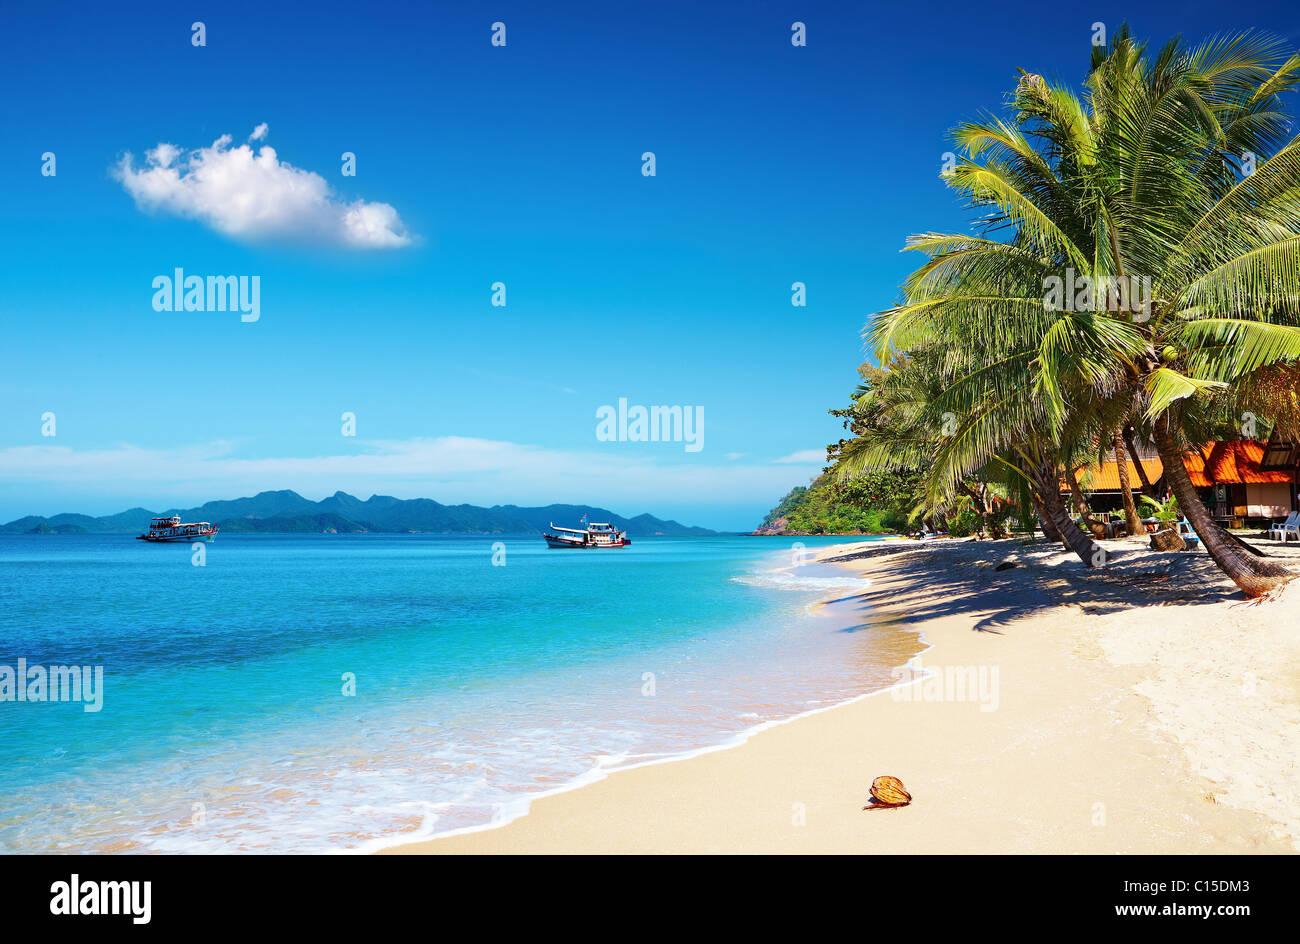 Tropische Strände mit Kokospalmen und Bungalow, Thailand Stockbild